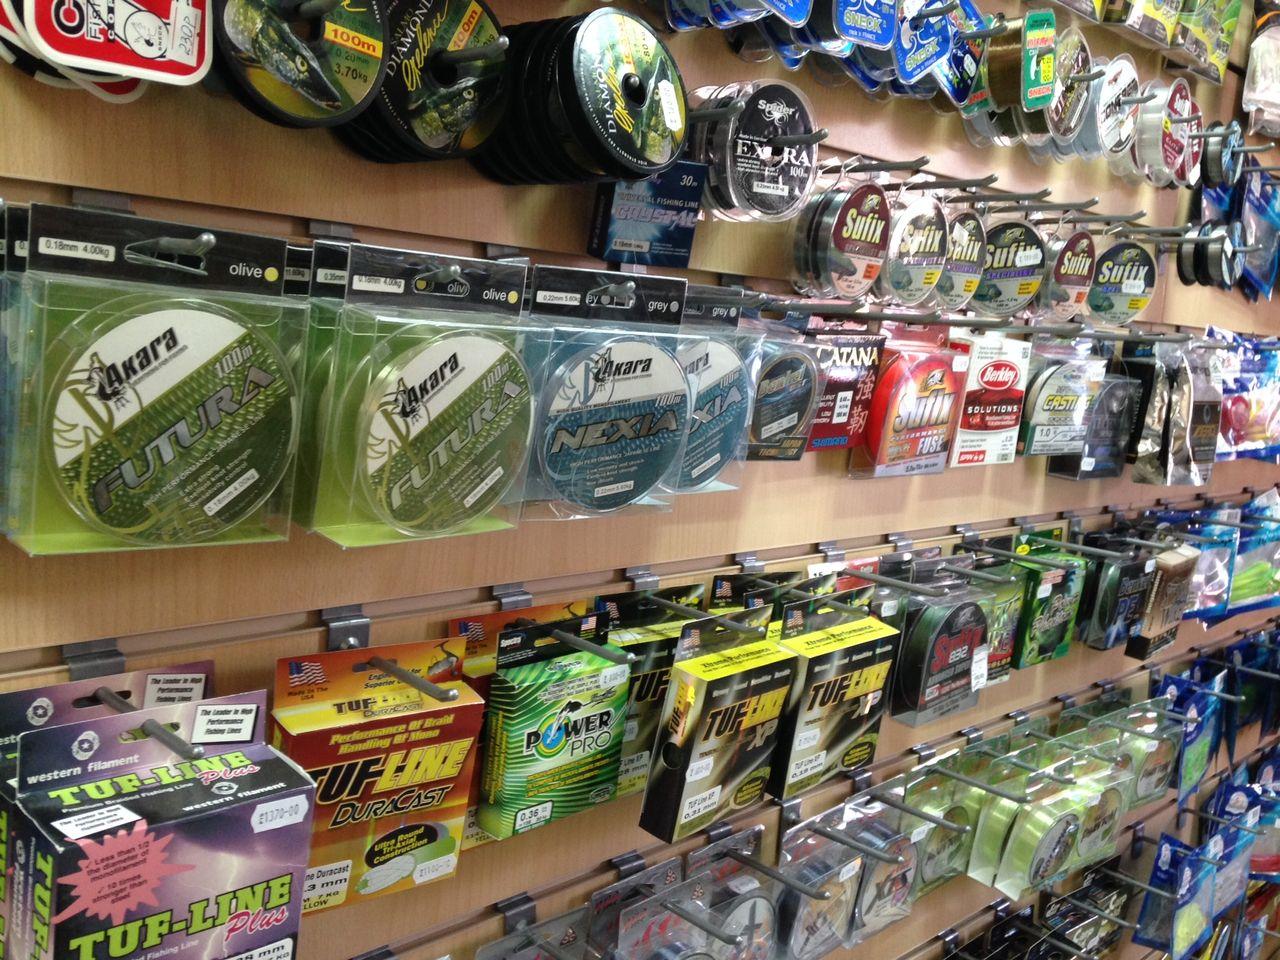 купить рыболовные товары по оптовым ценам